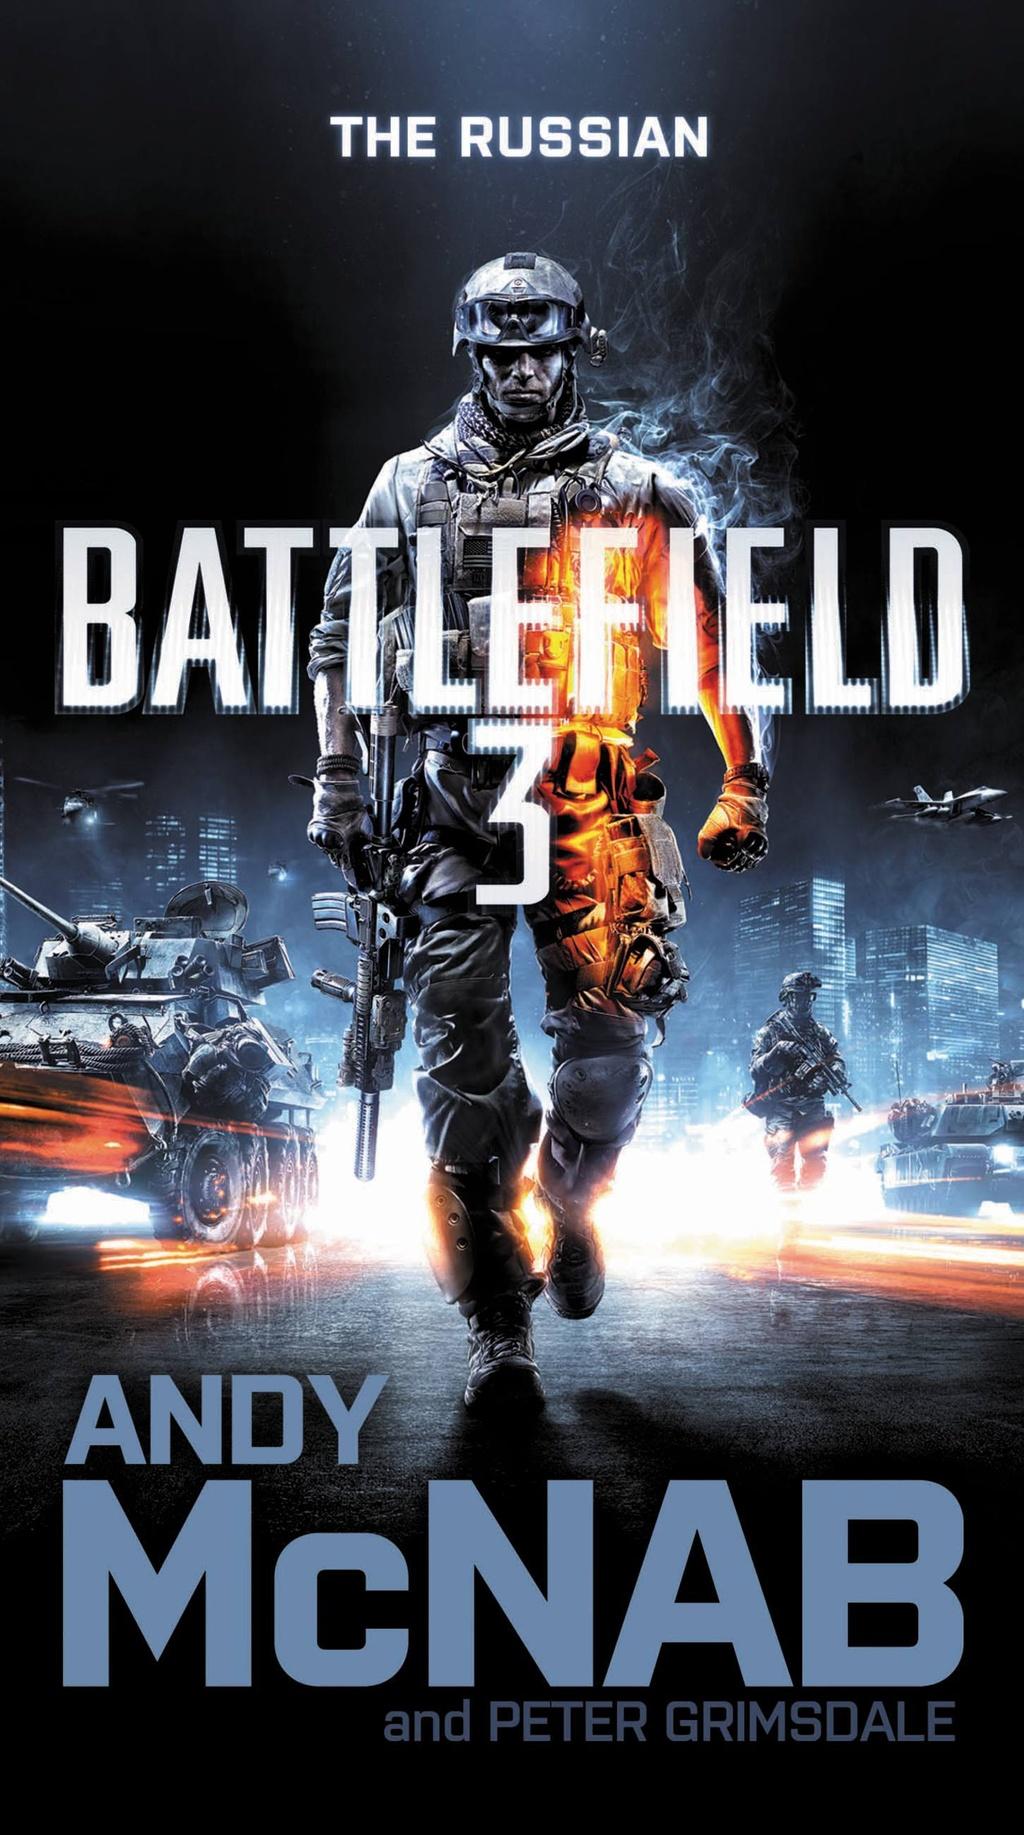 battlefield 3 the russian battlefield wiki fandom powered by wikia rh battlefield wikia com Battlefield 3 GameStop Battlefield 3 End Game